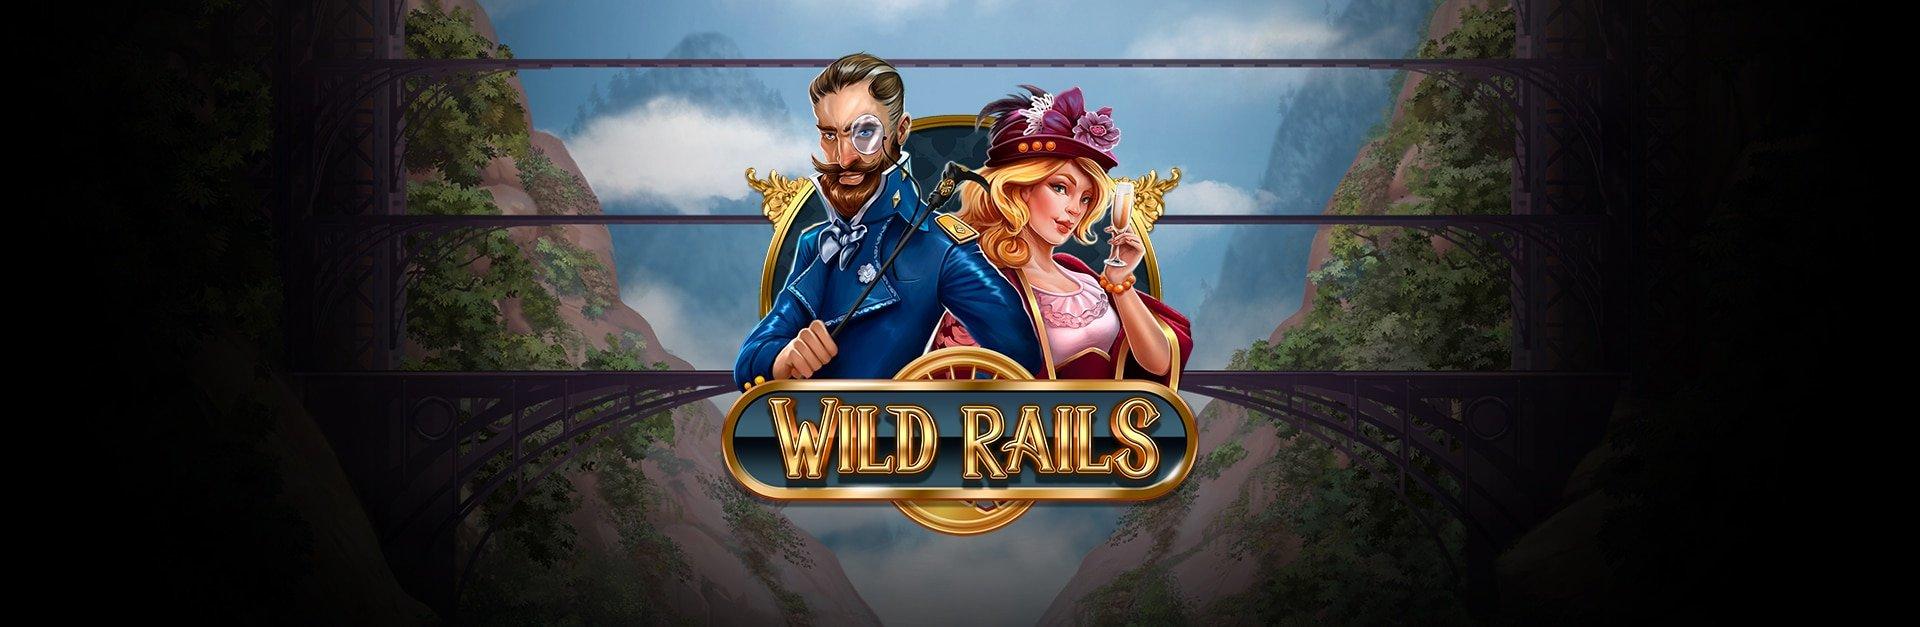 Wildrails1 1